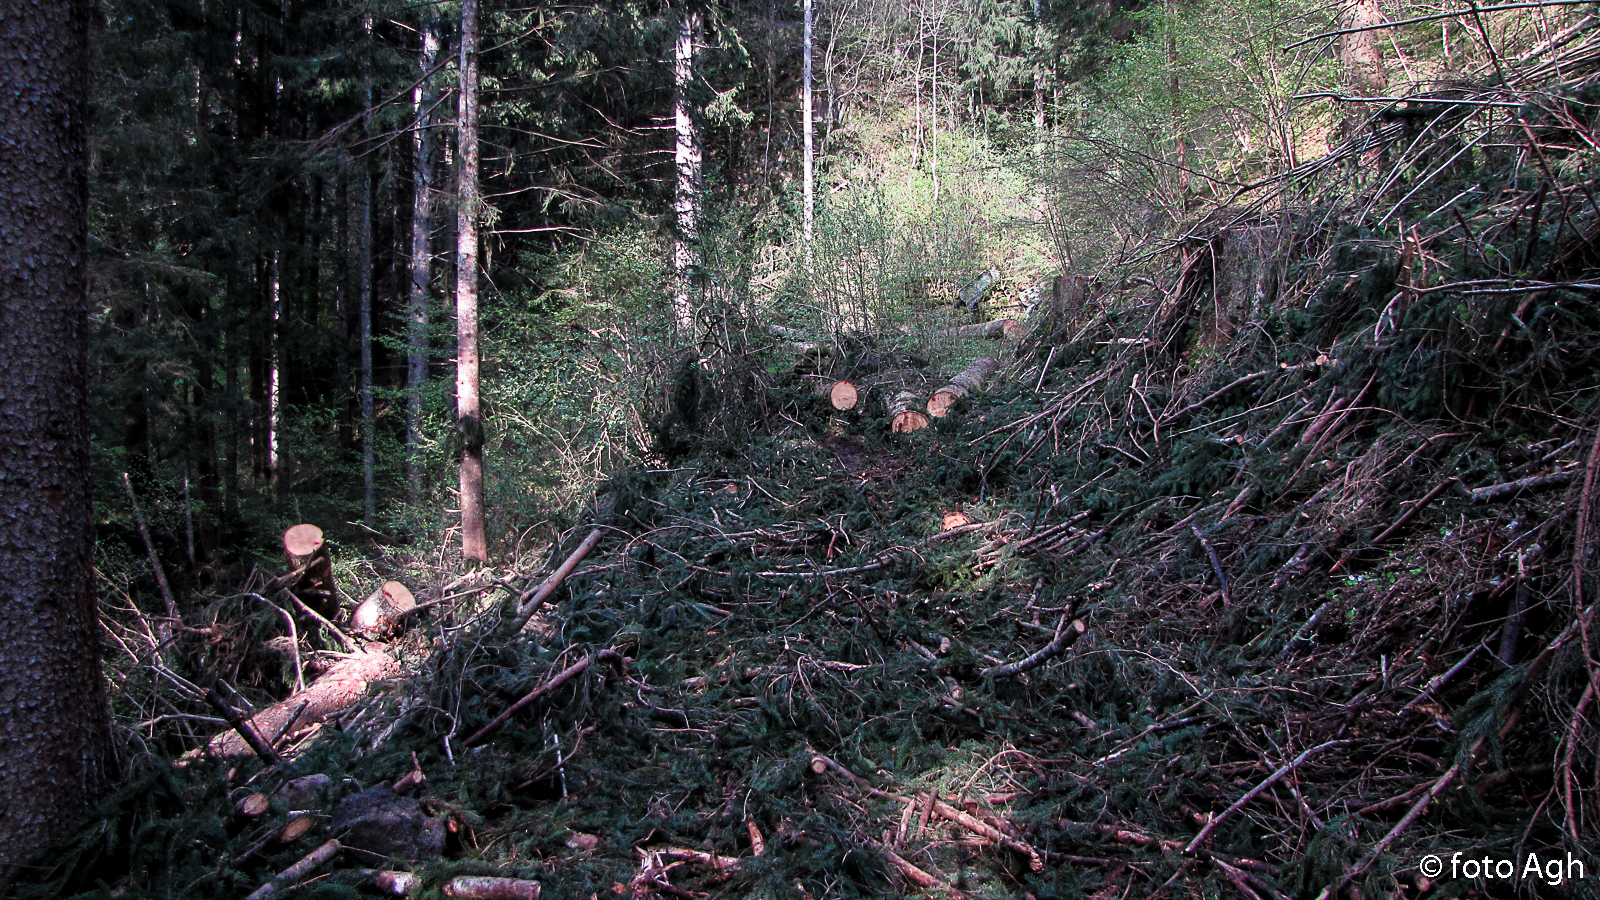 """Classico esbosco """"alla trentina"""": si porta via il legno pregiato e quello di scarto viene lasciato sul posto che diventa così impraticabile"""